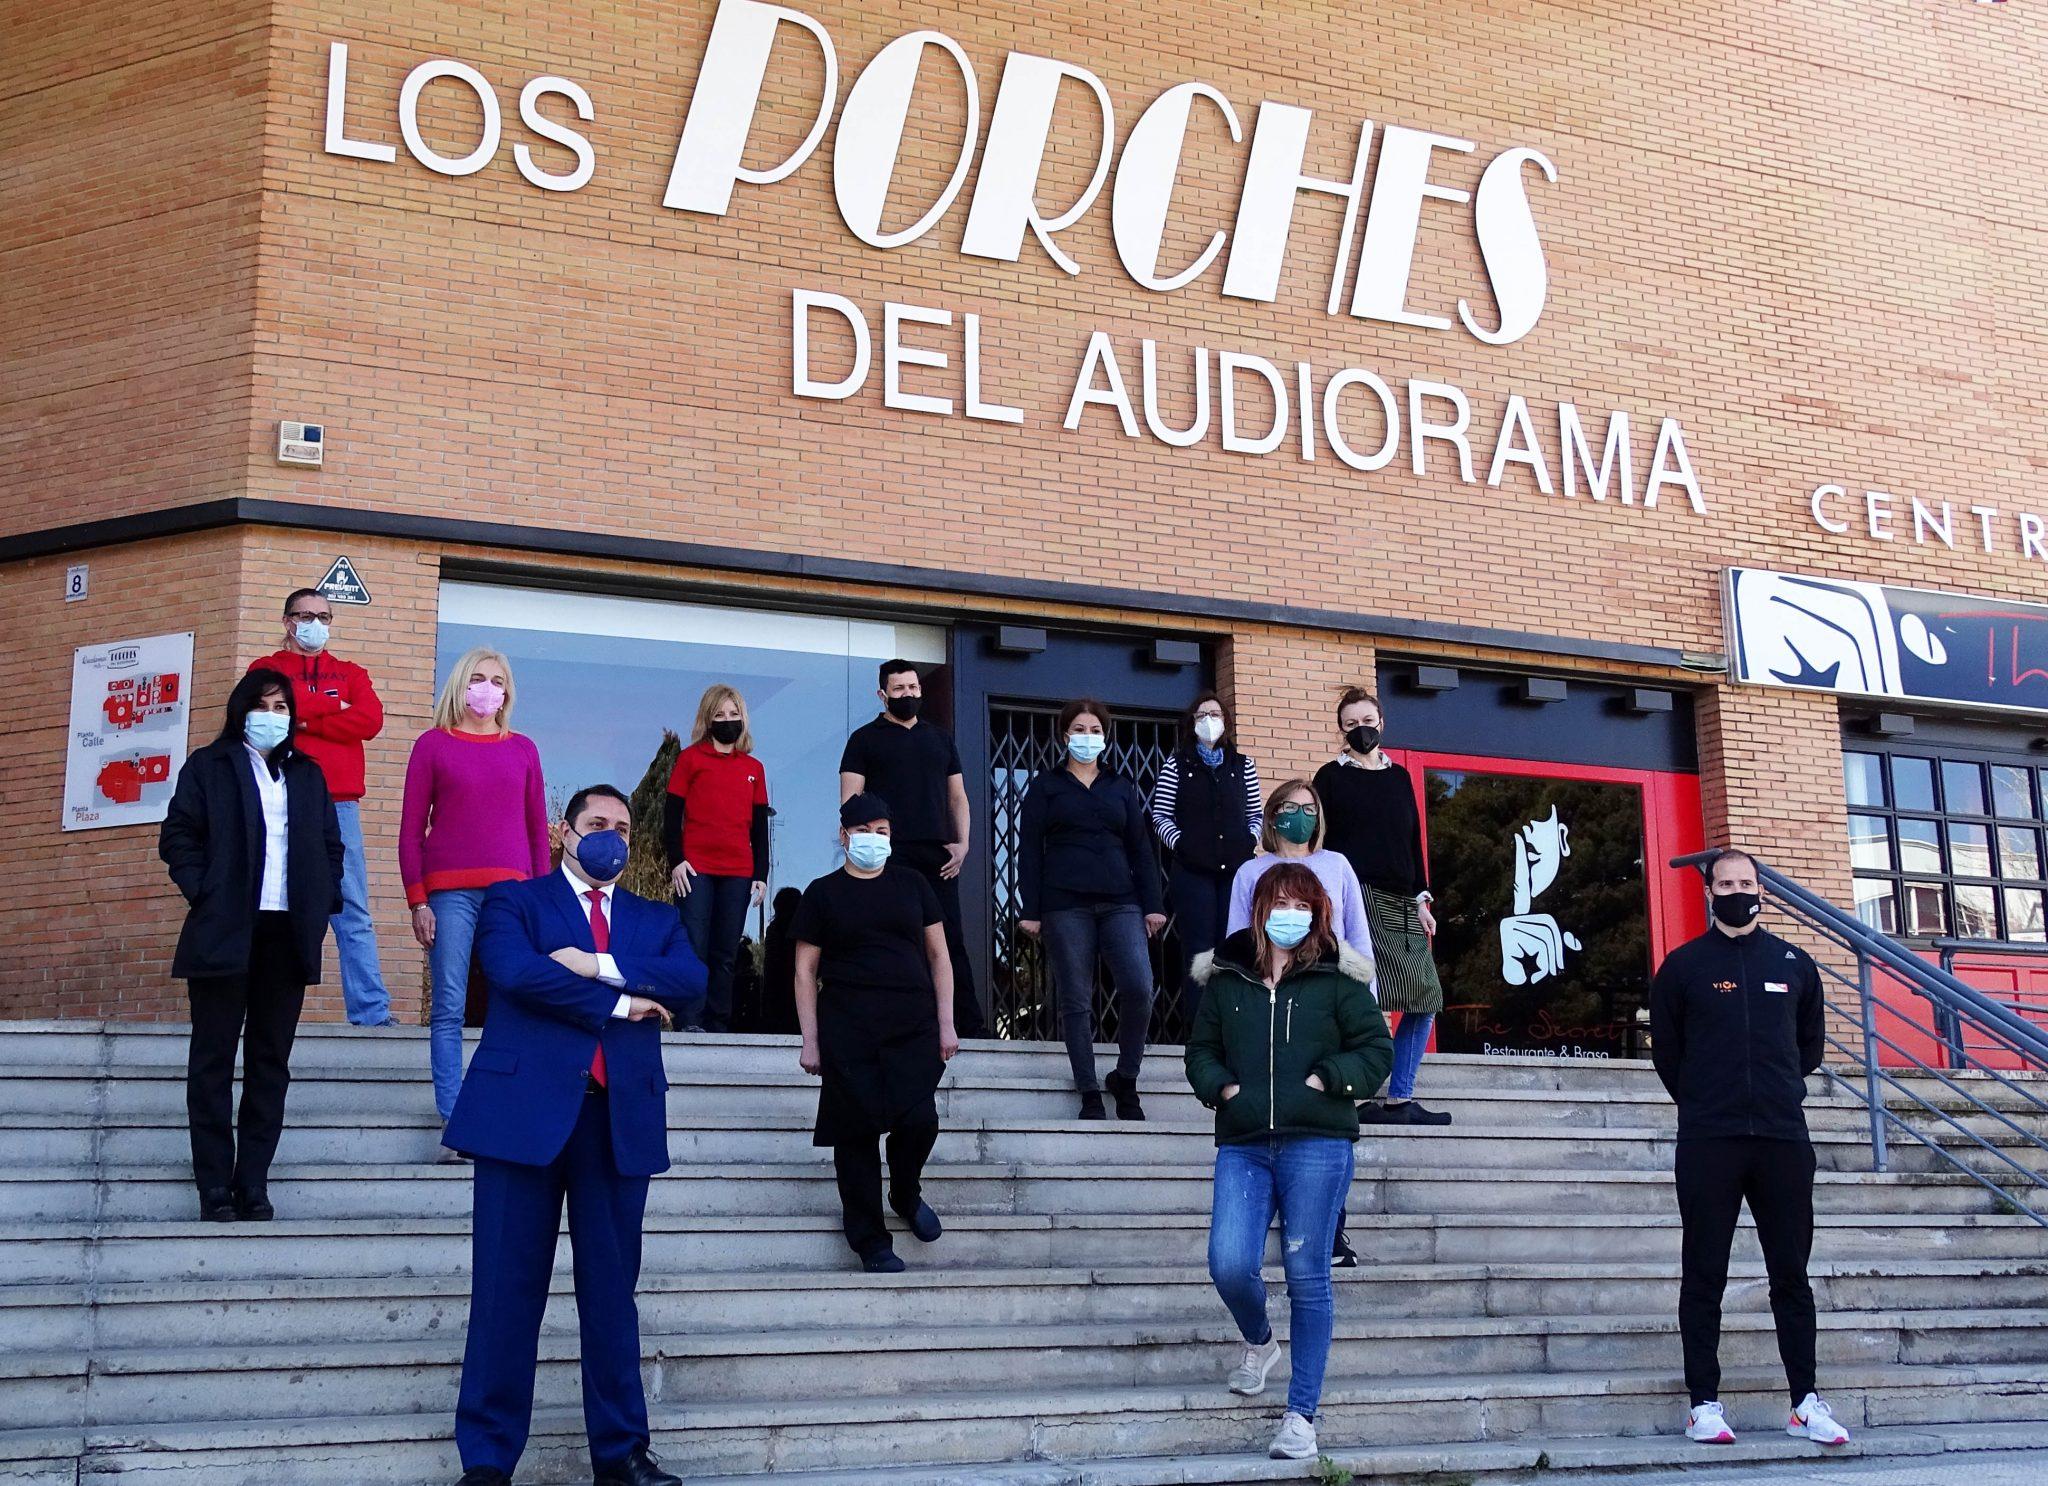 Los Porches del Audiorama impulsa su estrategia digital en apoyo a los establecimientos